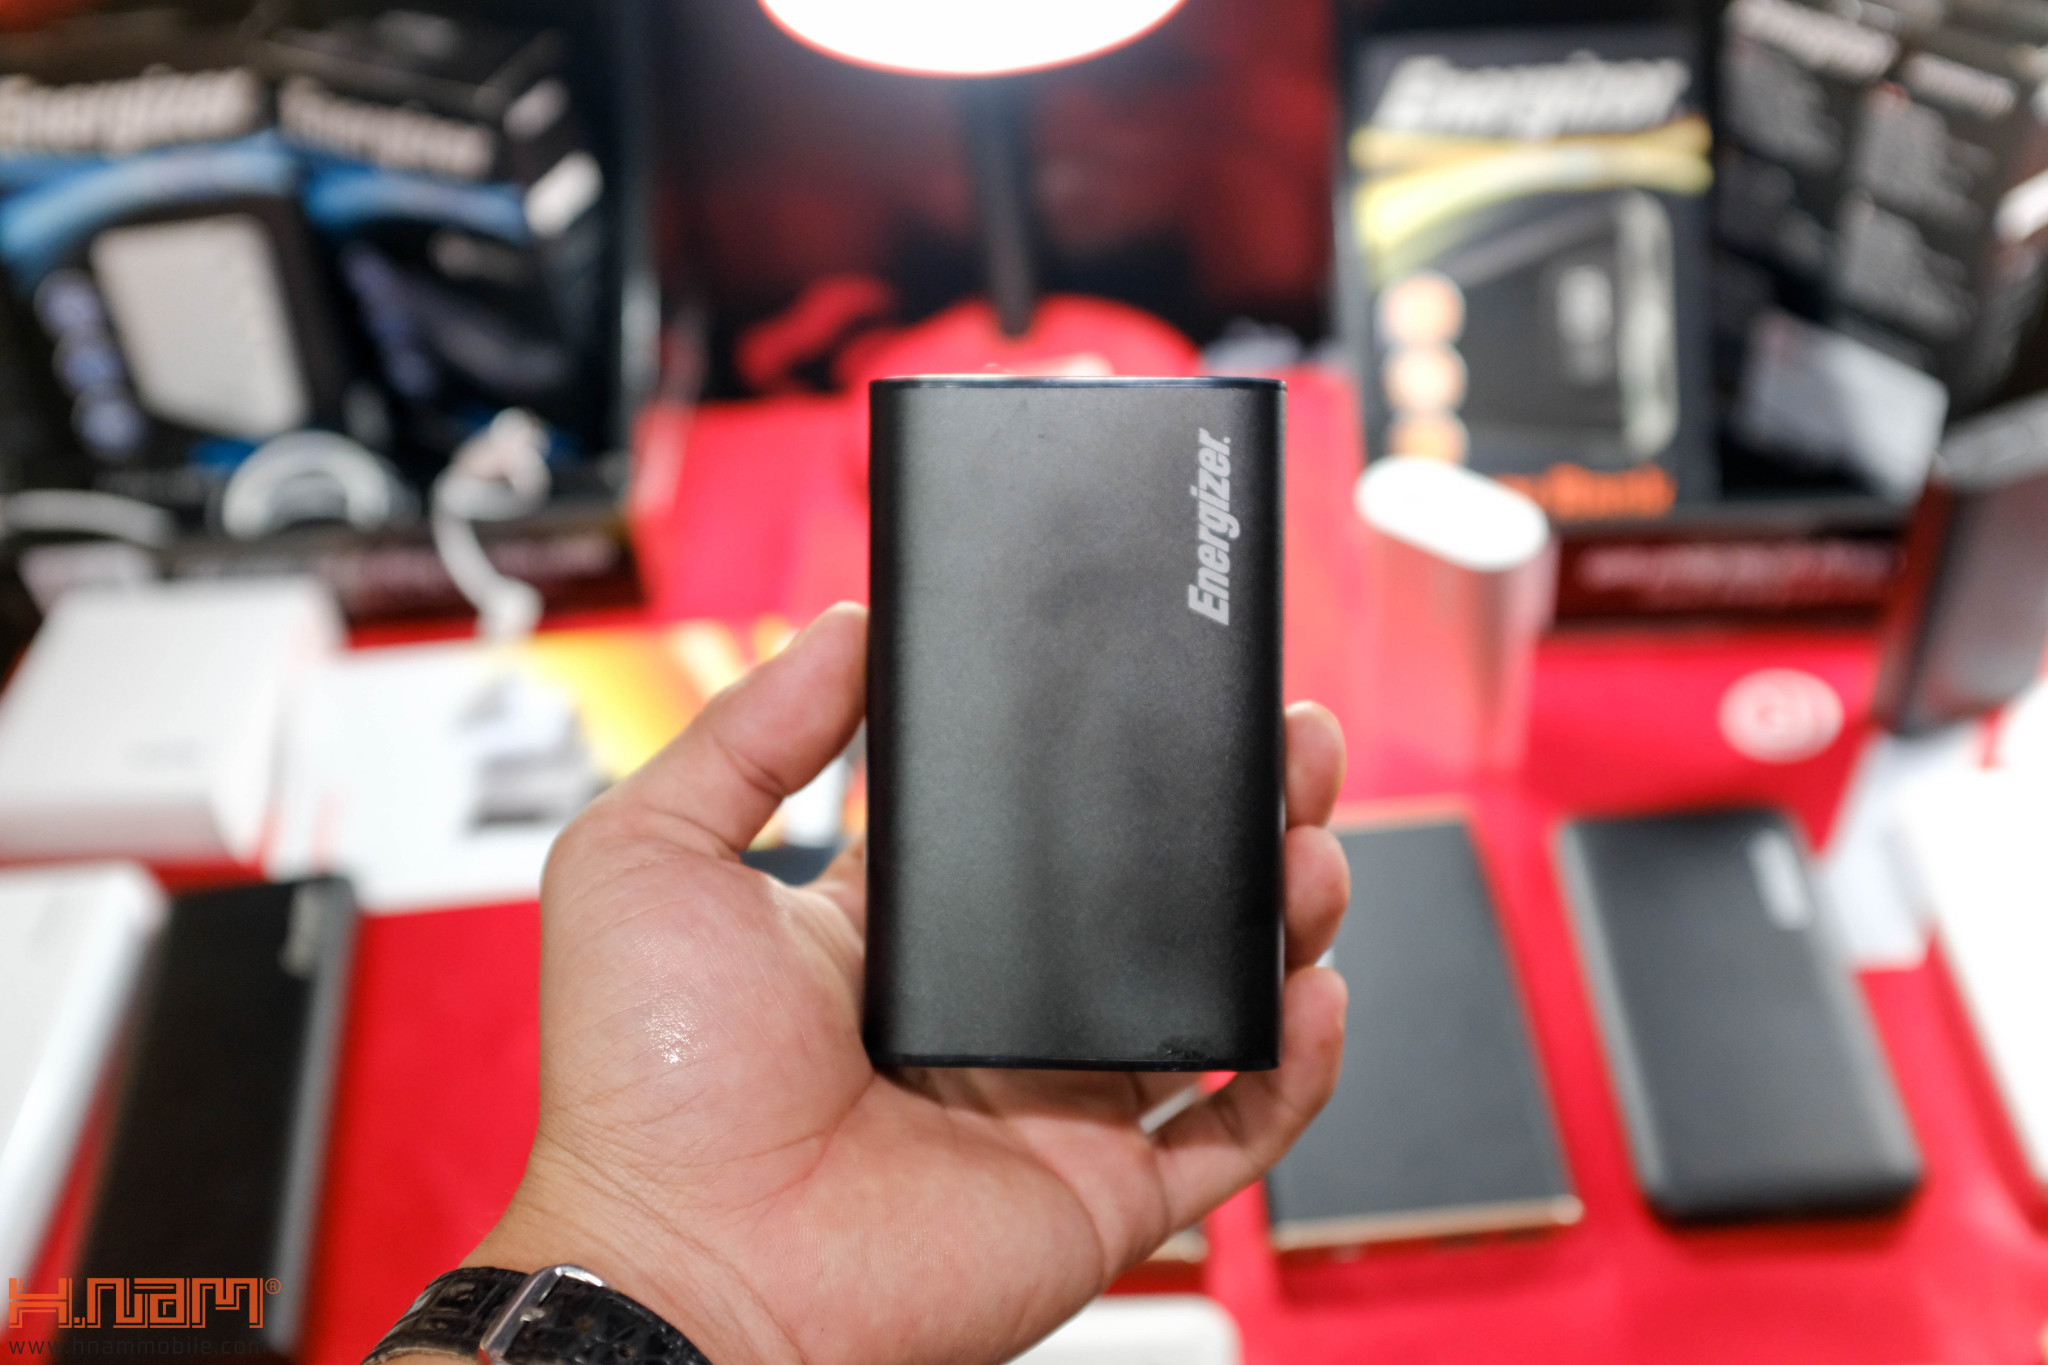 Energizer ra mắt 5 mẫu pin dự phòng mới tại Việt Nam: Bảo hành 2 năm 1 đổi 1, giá từ 800.000Đ hình 5